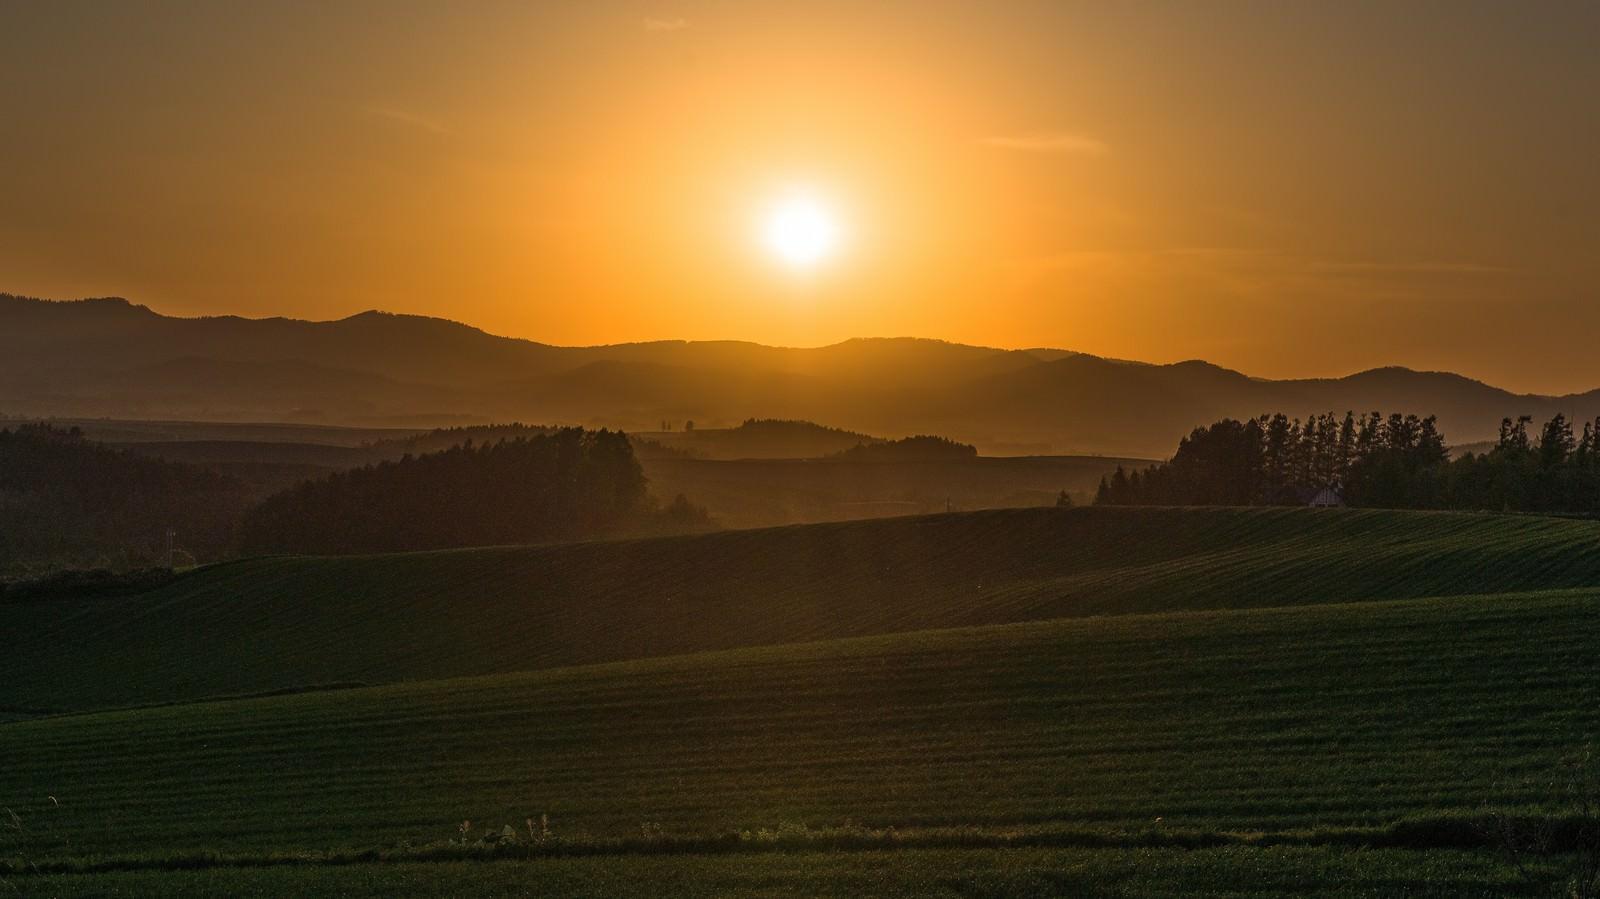 「夕暮れの美瑛の丘夕暮れの美瑛の丘」のフリー写真素材を拡大